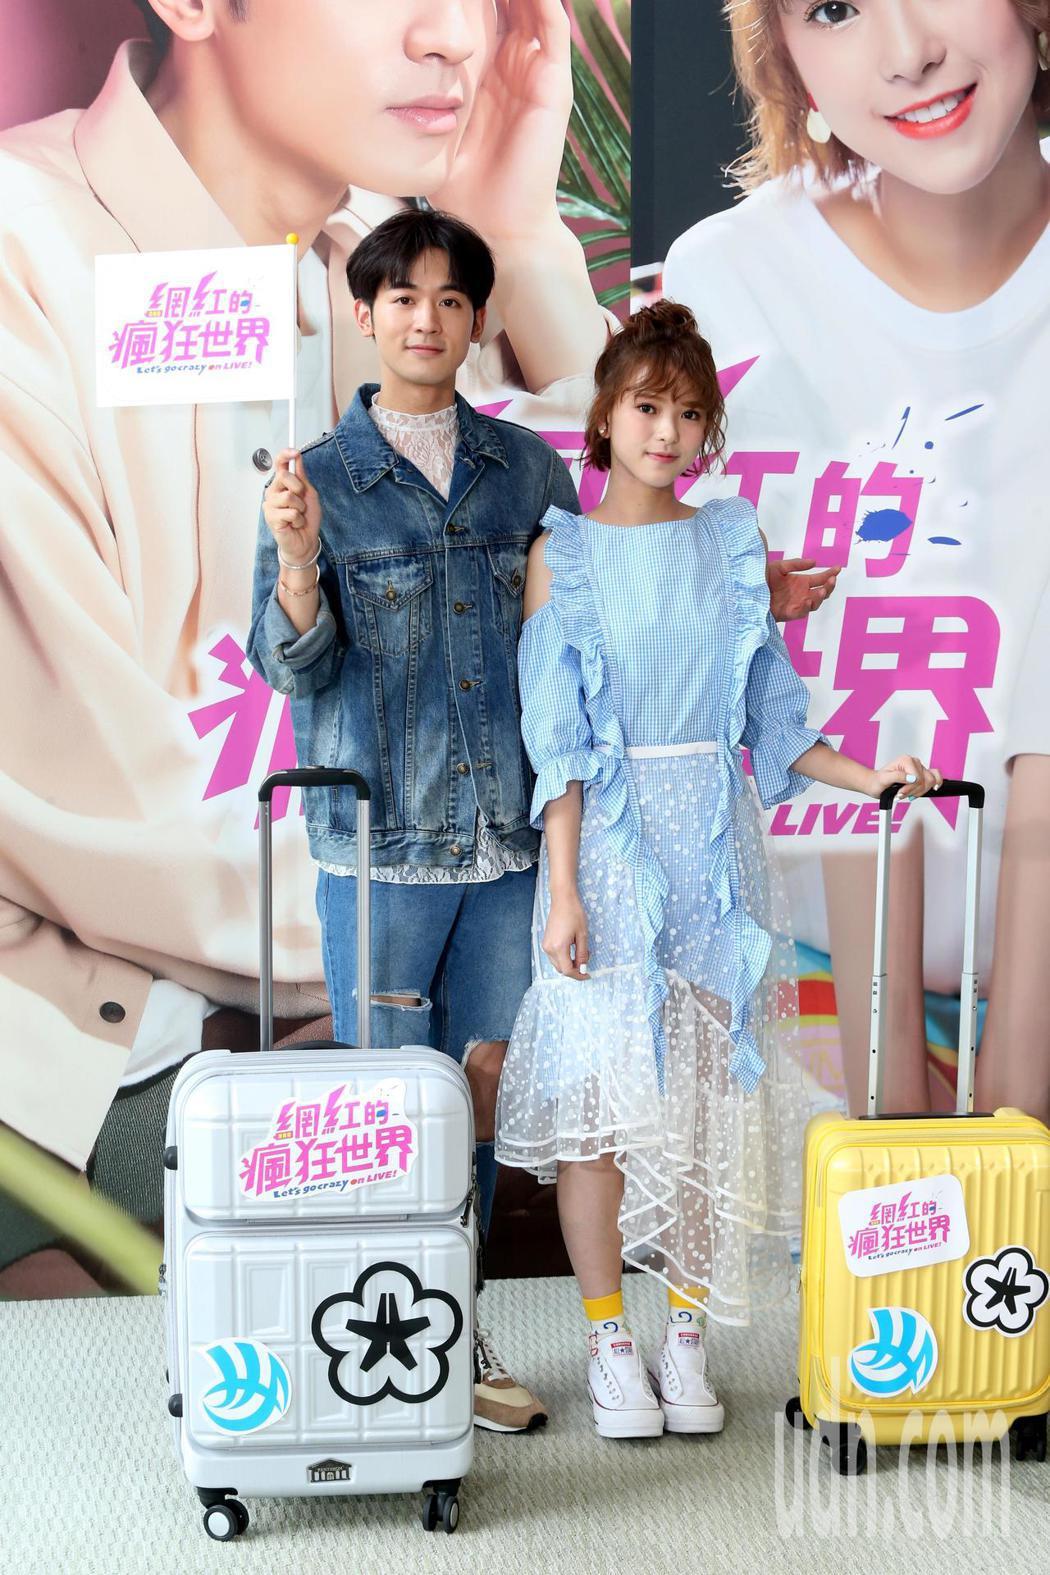 台視、三立新週日偶像劇《網紅的瘋狂世界》將到日本拍攝,小樂吳思賢(左)、項婕如(